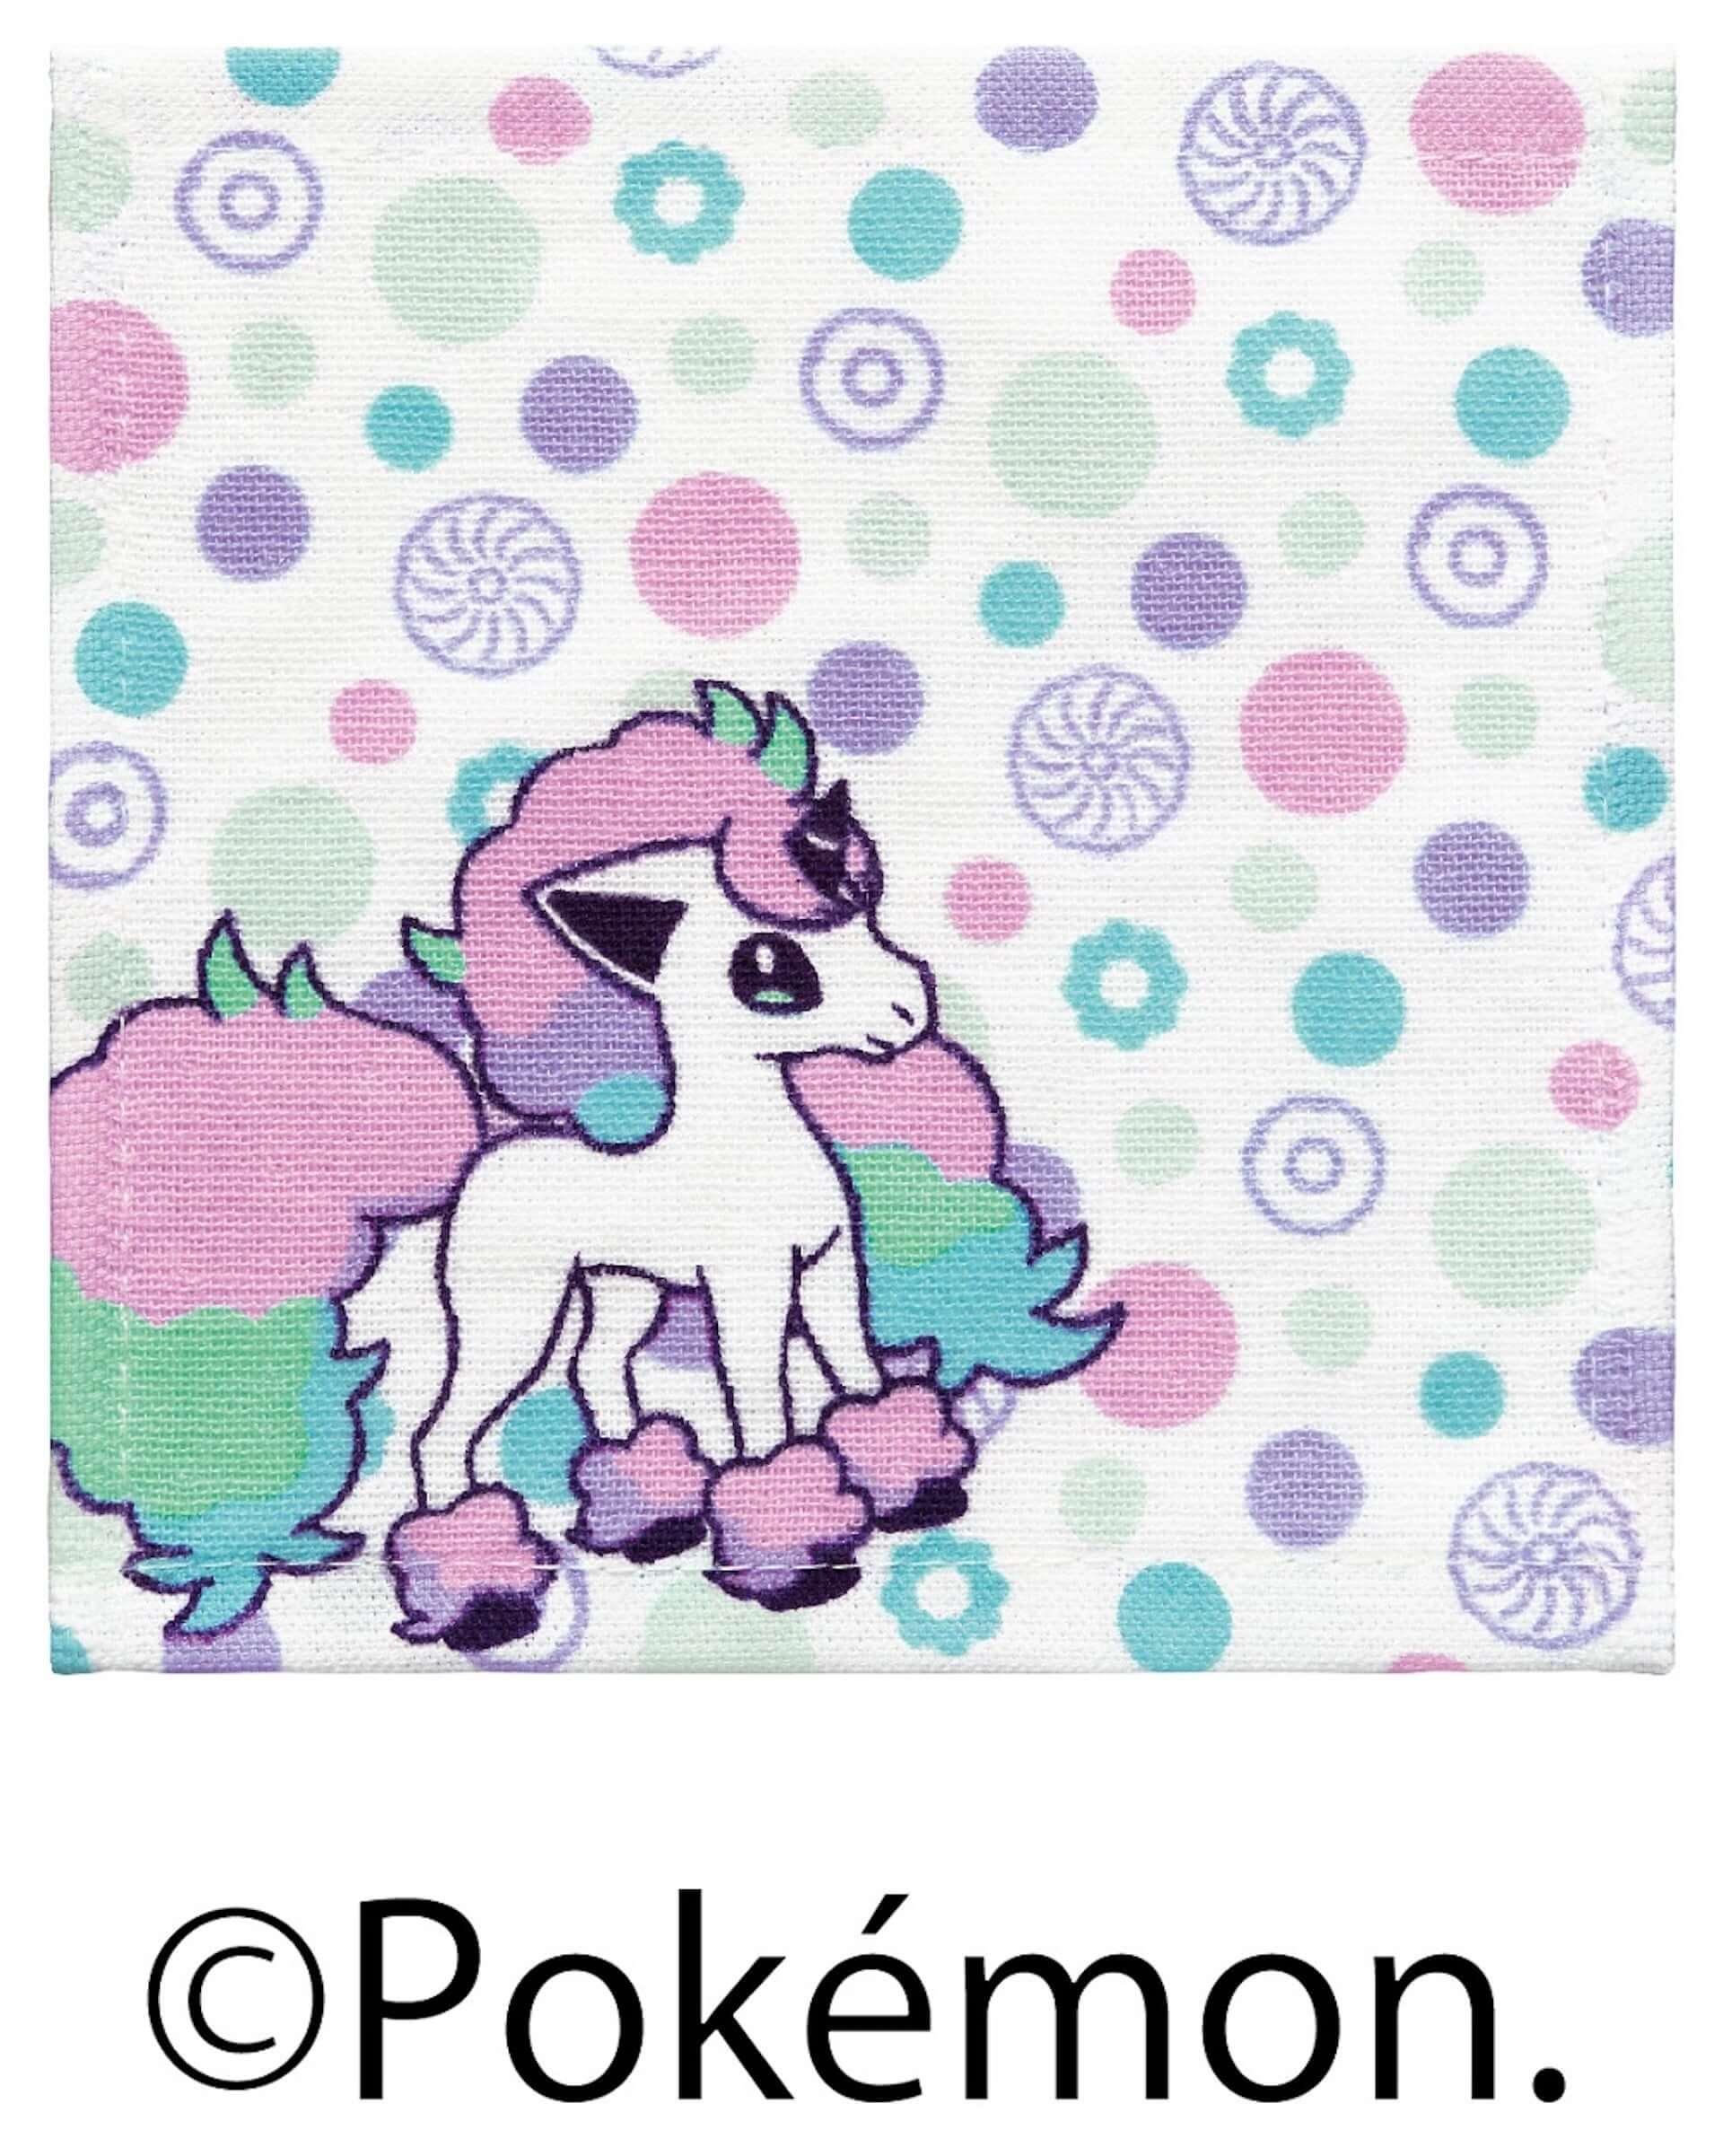 ミスタードーナツの『ポケモン キッズセット』に数量限定の新グッズ・タオルハンカチが登場!デザインはピカチュウ、ラビフットなど4種展開 art201216_misterdonut-pokemon_2-1920x2402